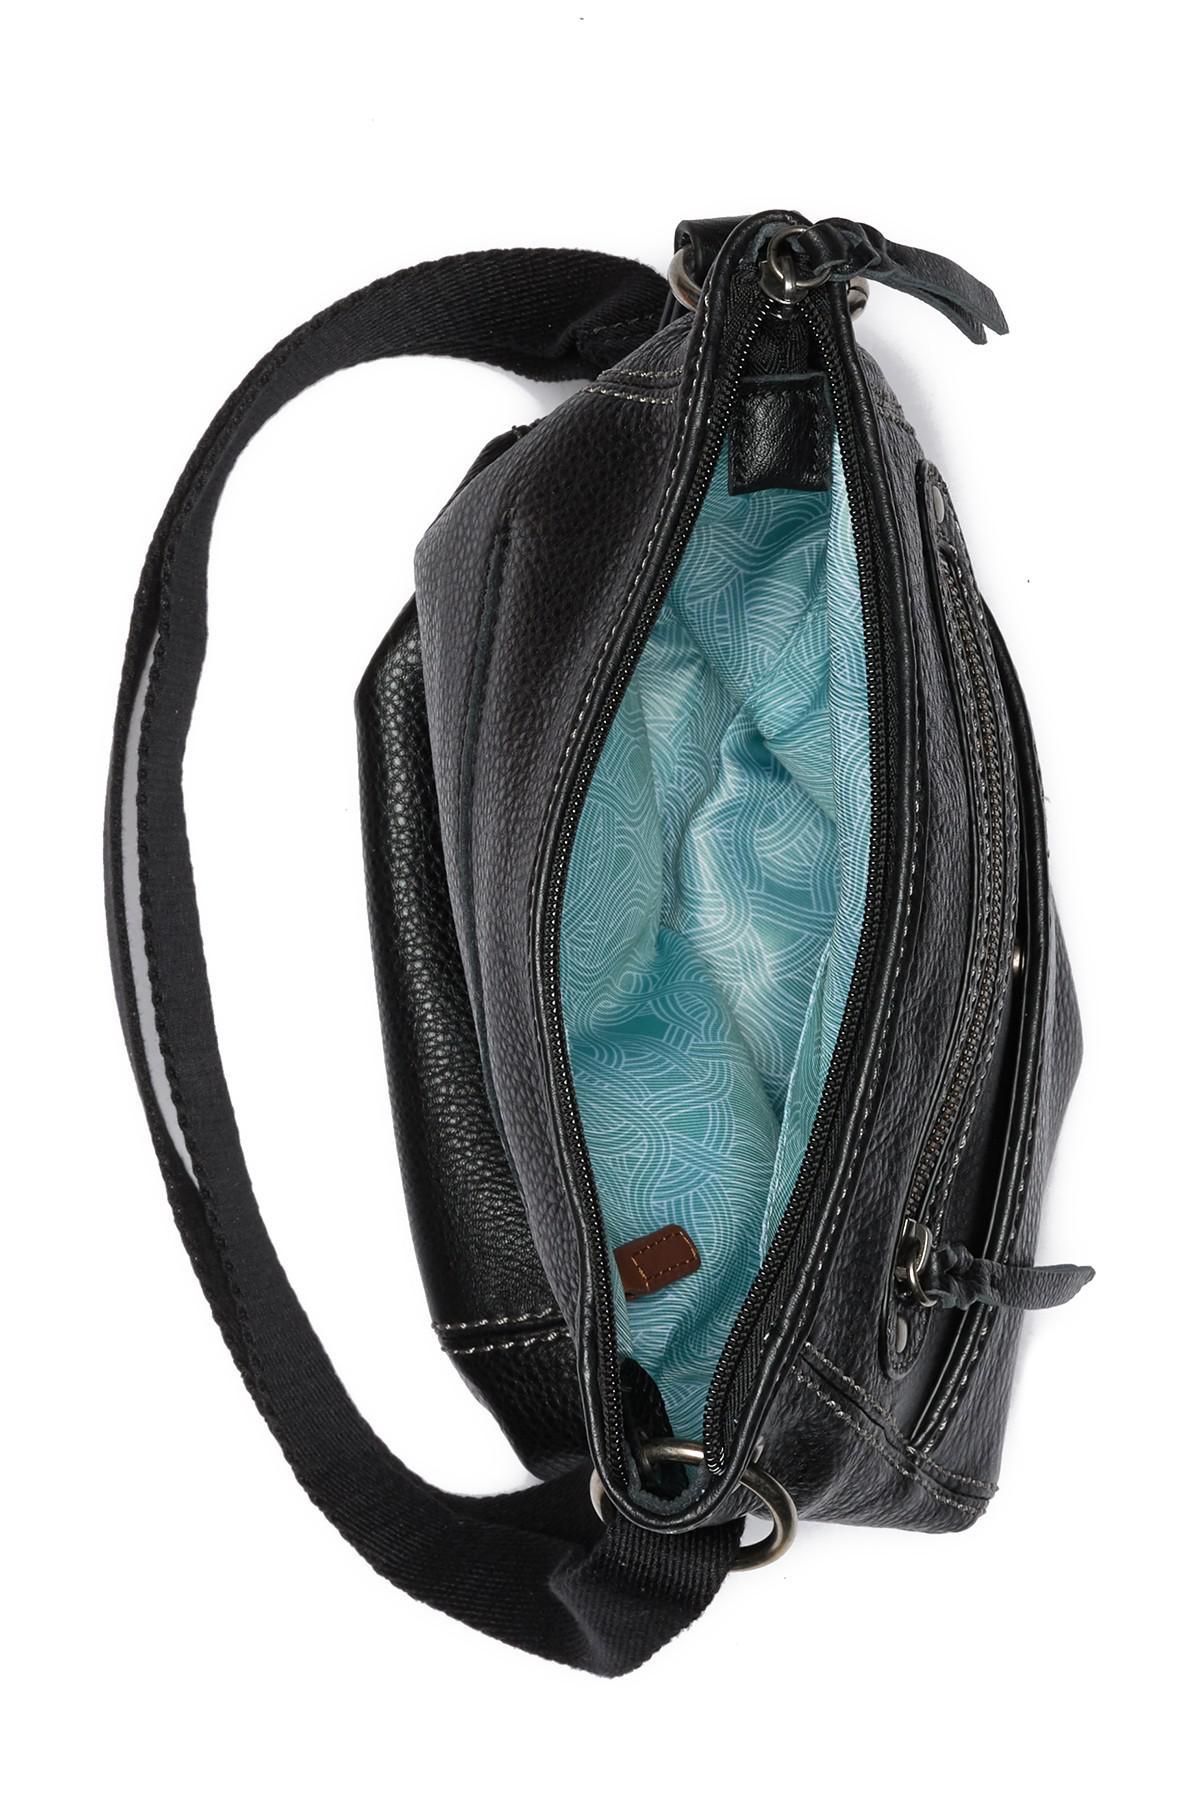 e7dcbe980 Lyst - The Sak Morena Leather Crossbody Bag in Black